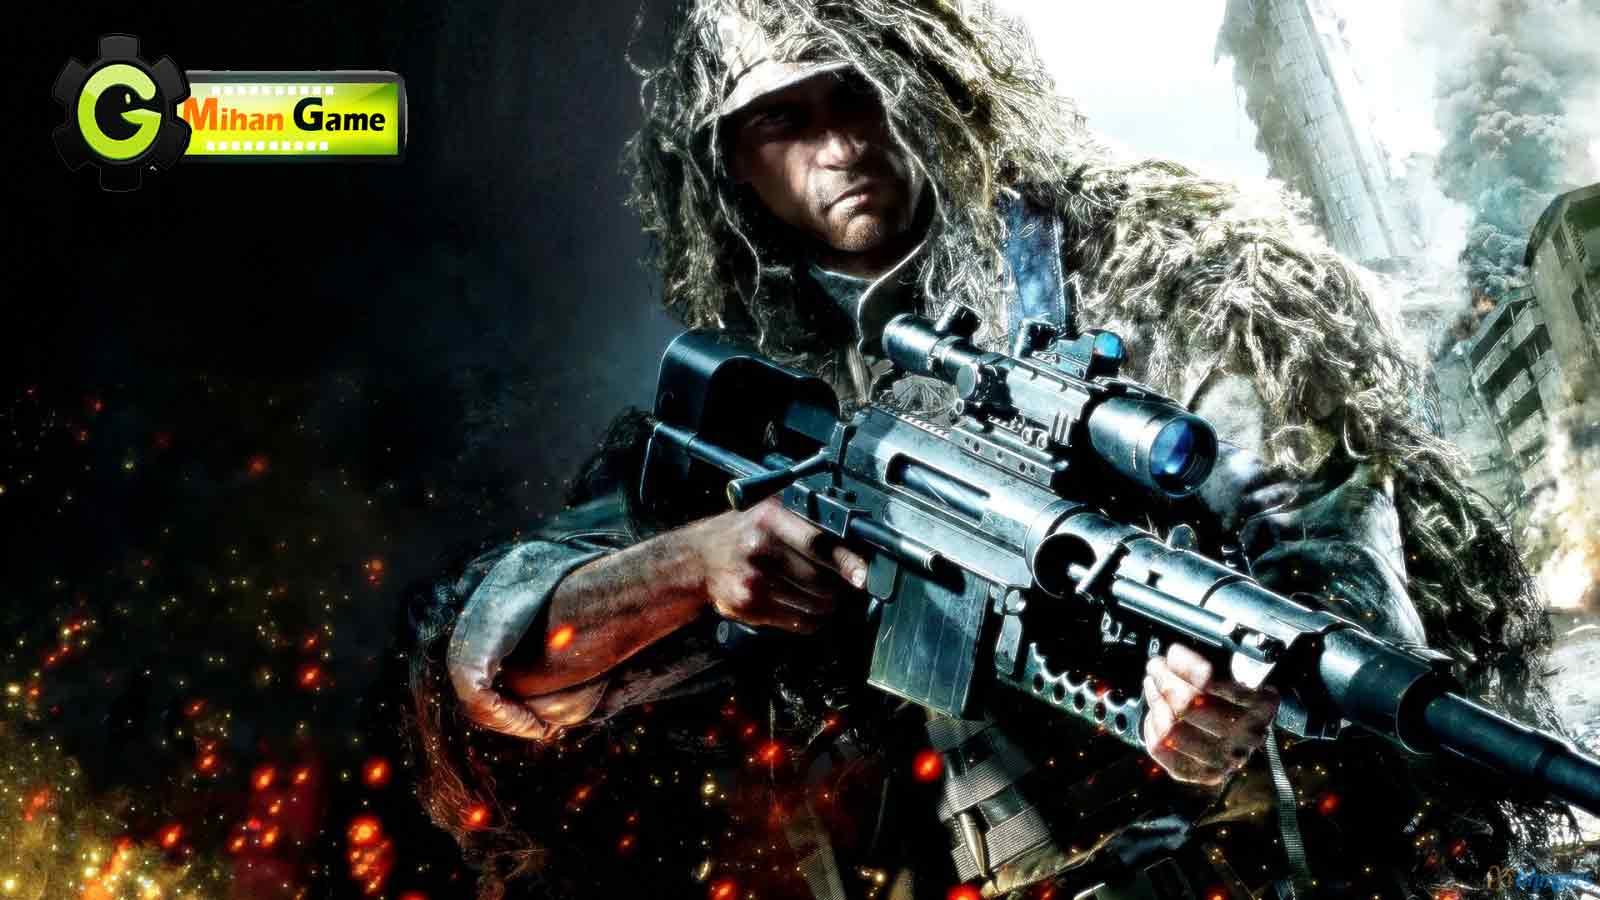 منتظر Sniper: Ghost Warrior 3 در سال ۲۰۱۶ باشید